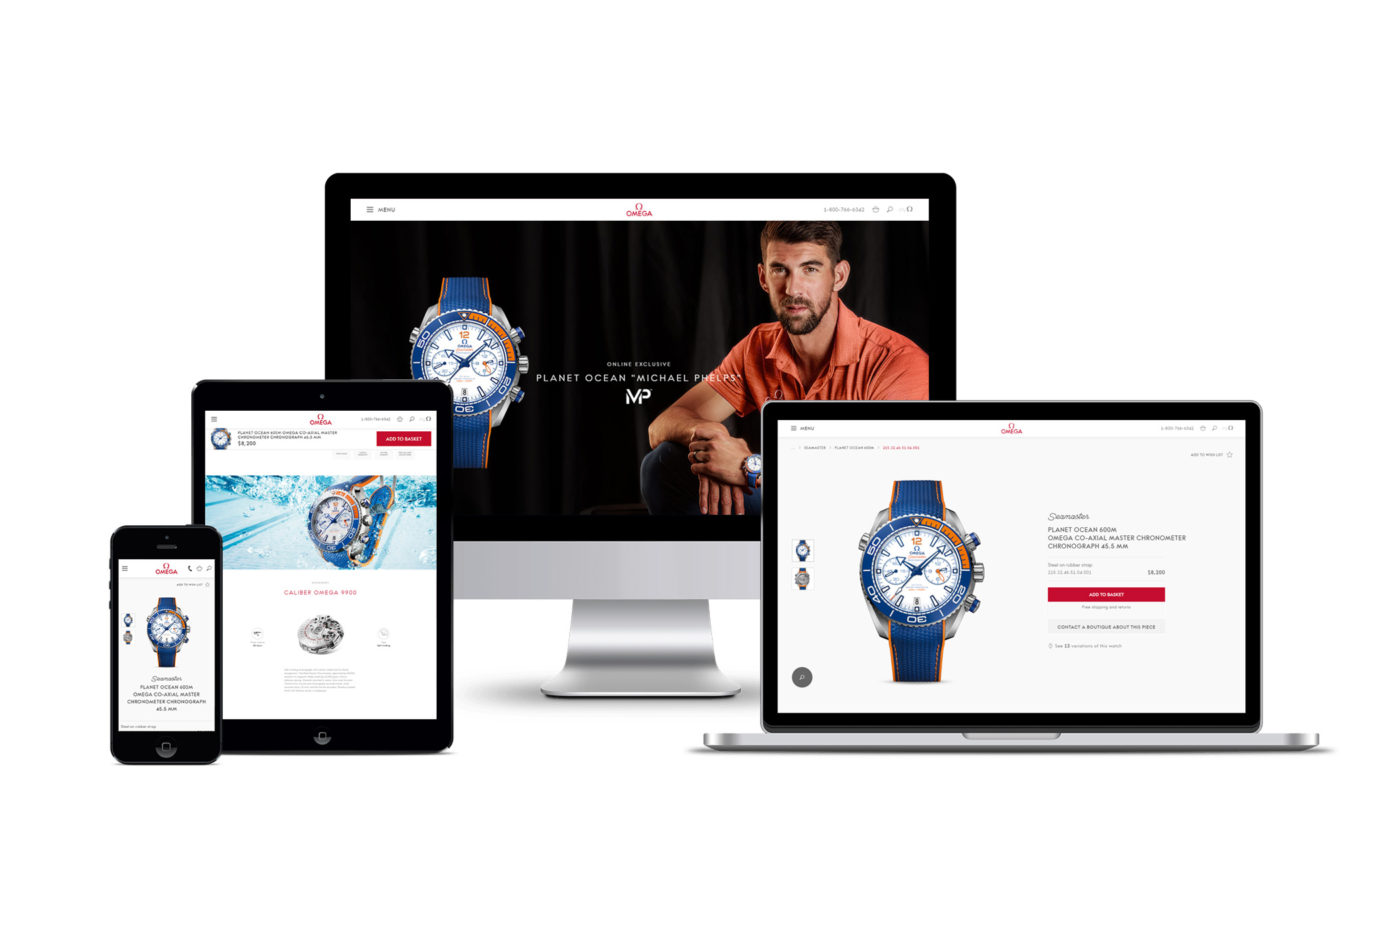 Omega rozpoczyna sprzedaż zegarków przez Internet